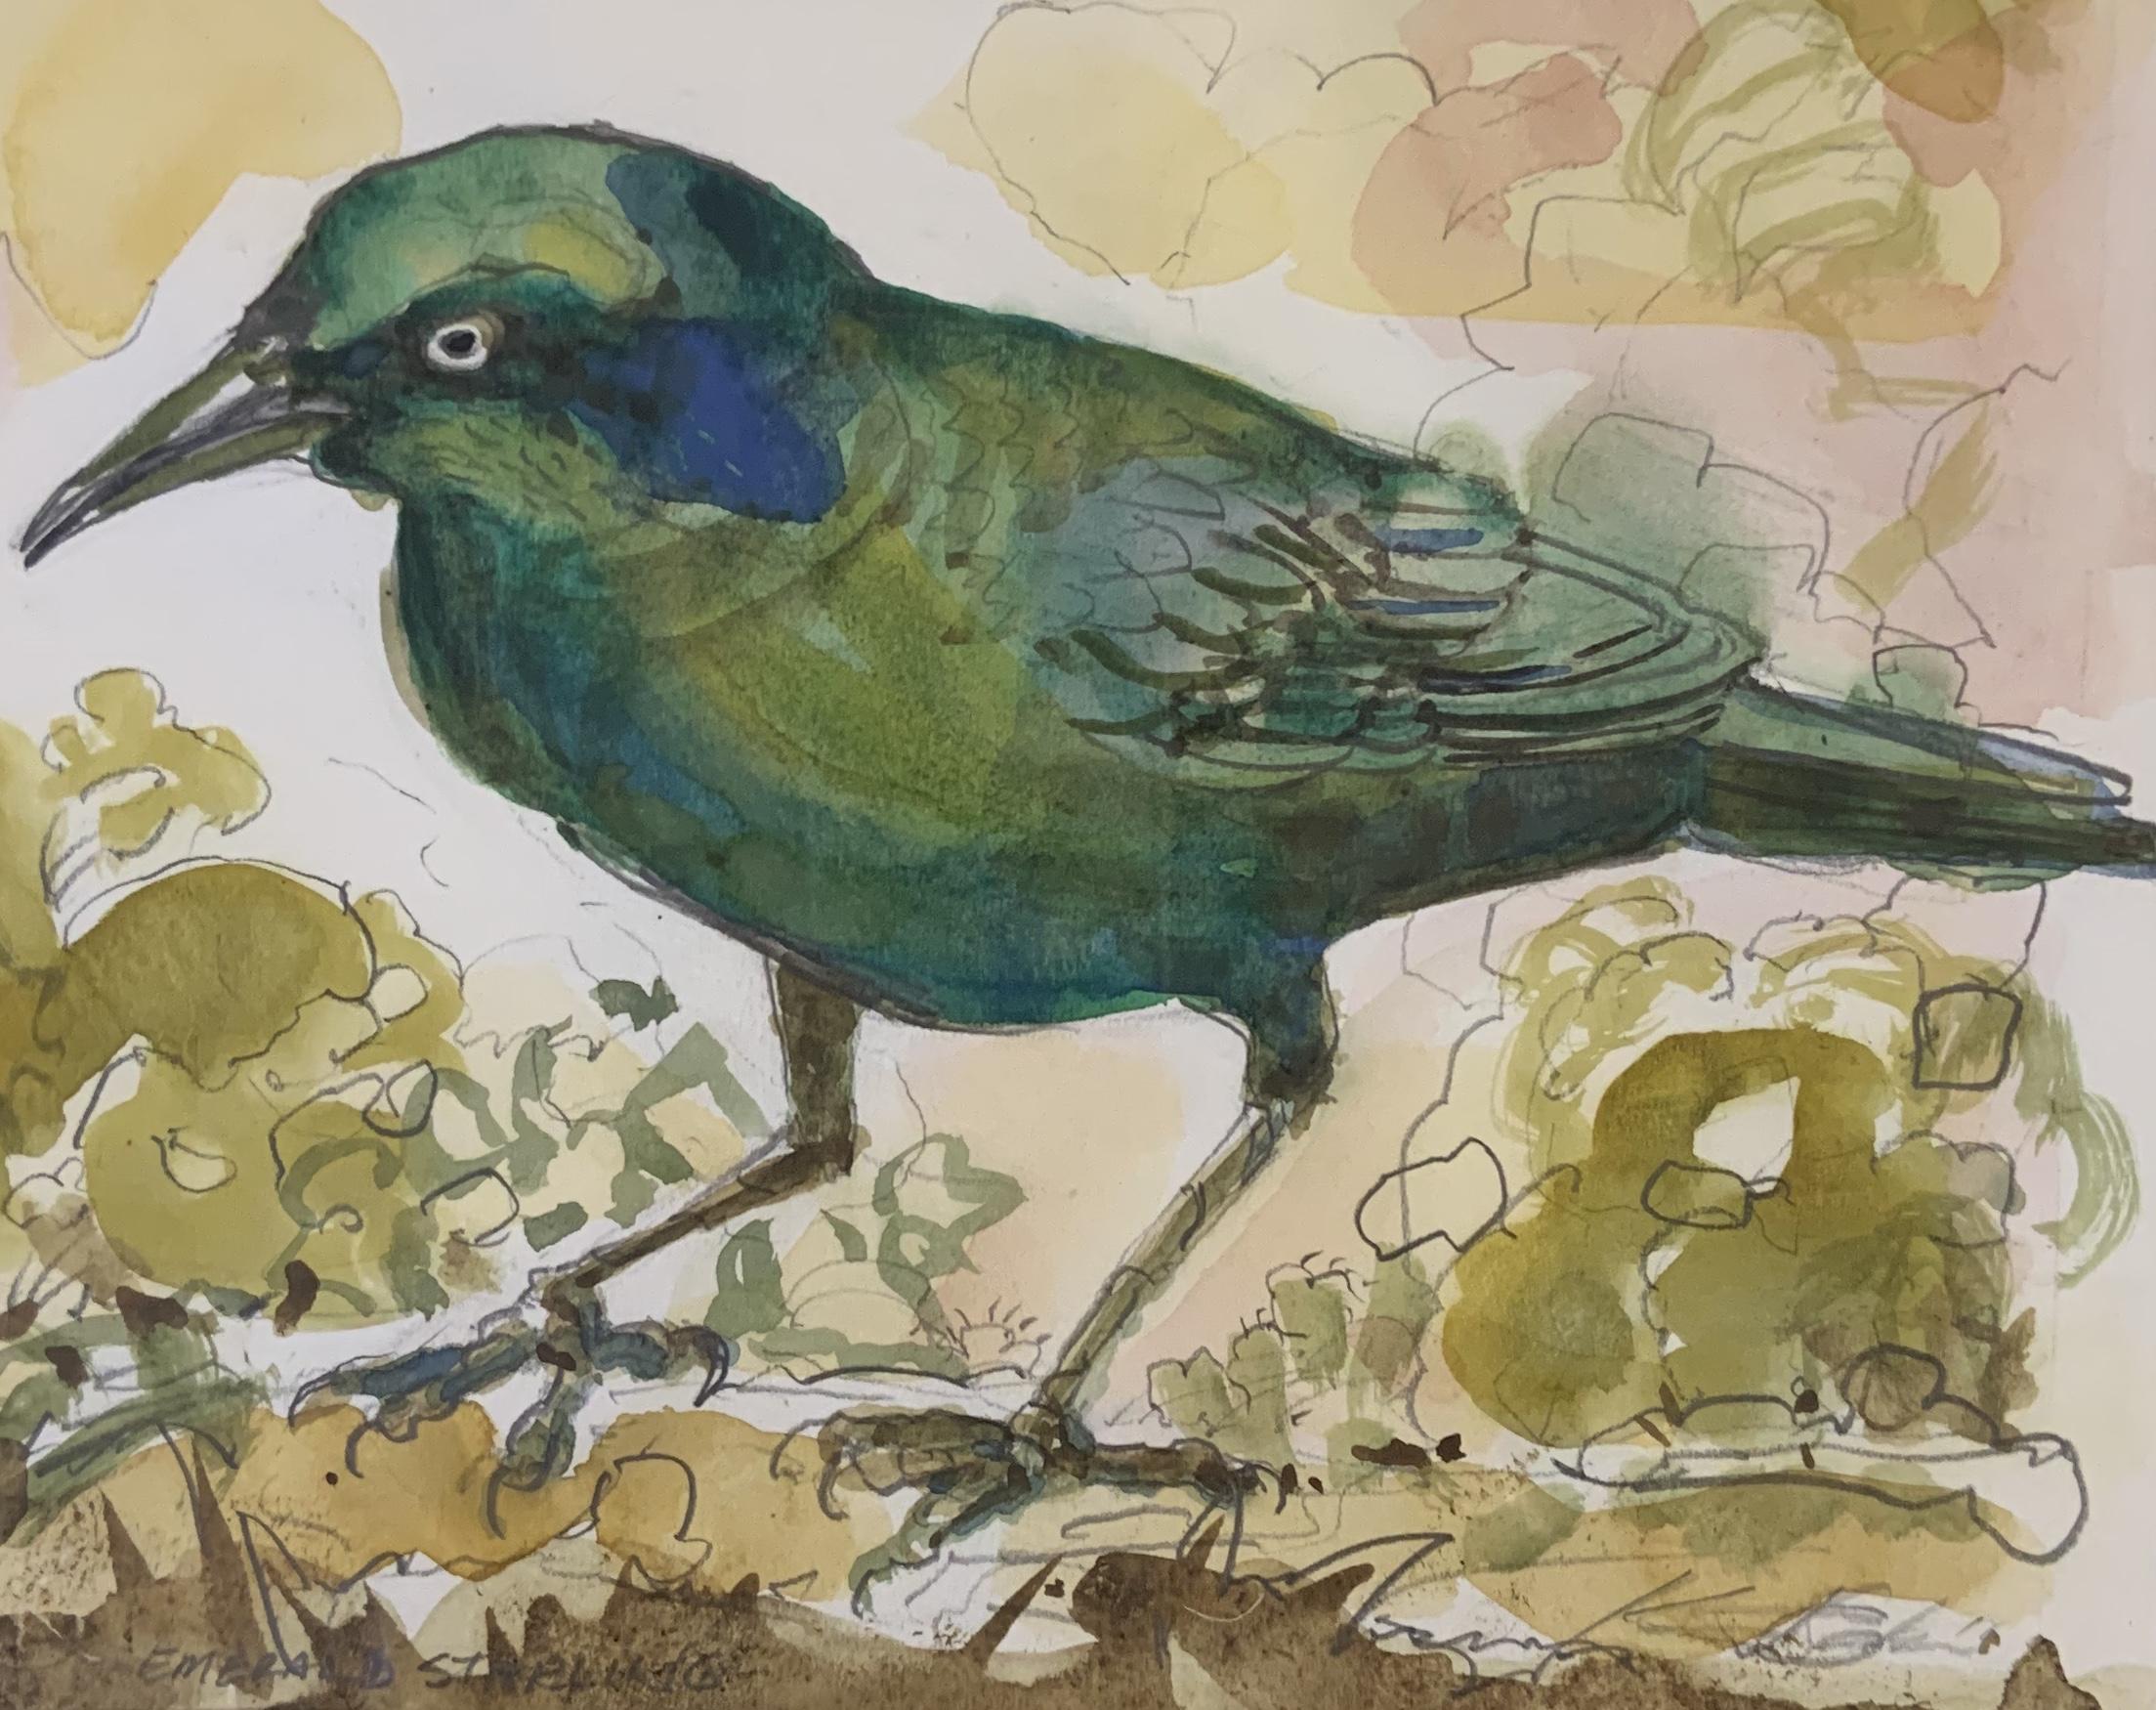 Green Starling-Garber, watercolor $325